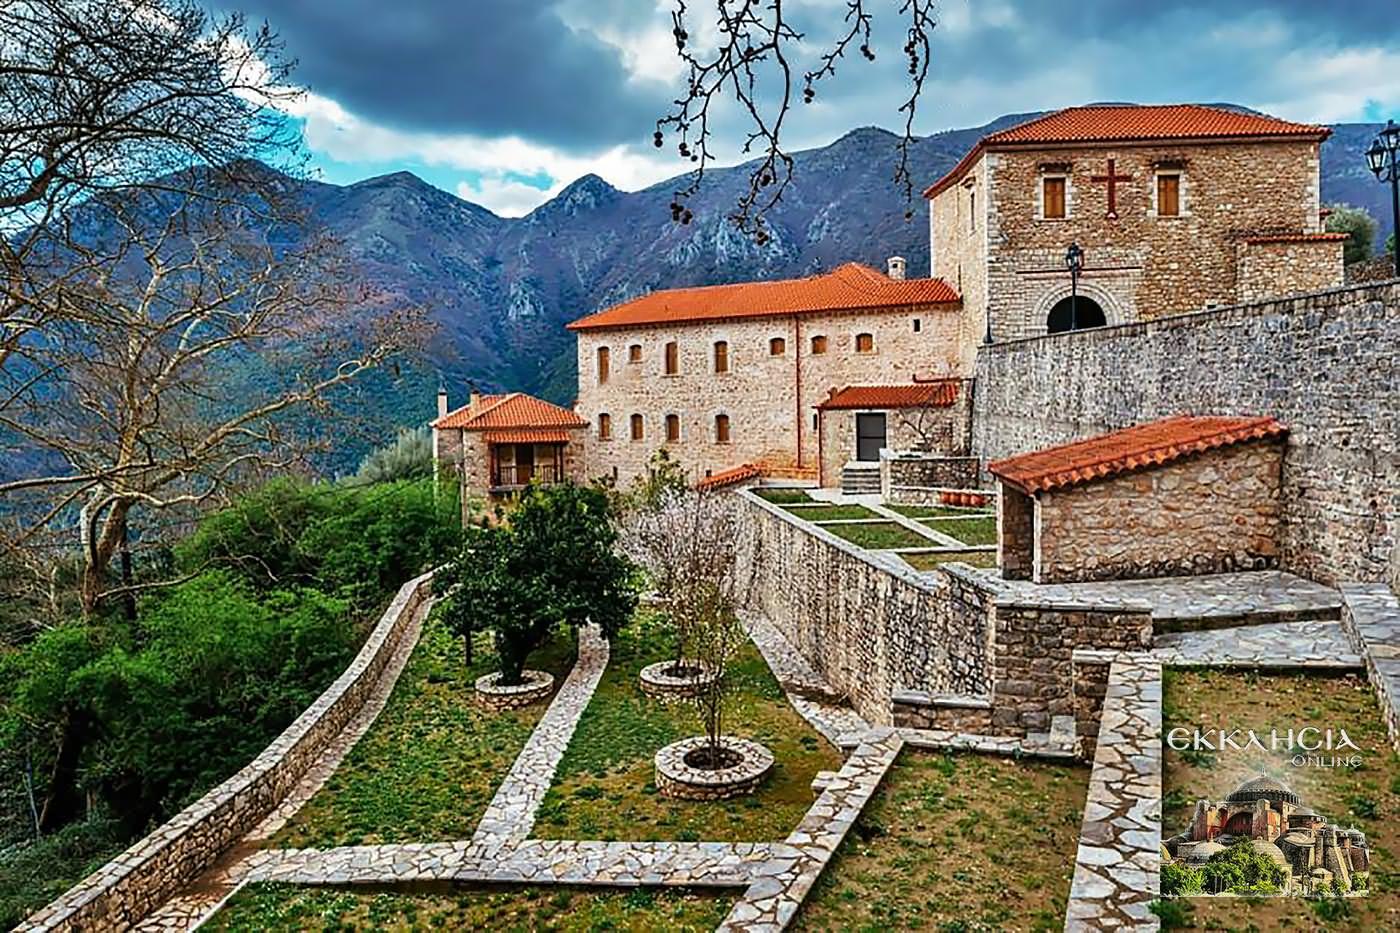 Μοναστήρι Γηρομερίου Θεσπρωτίας